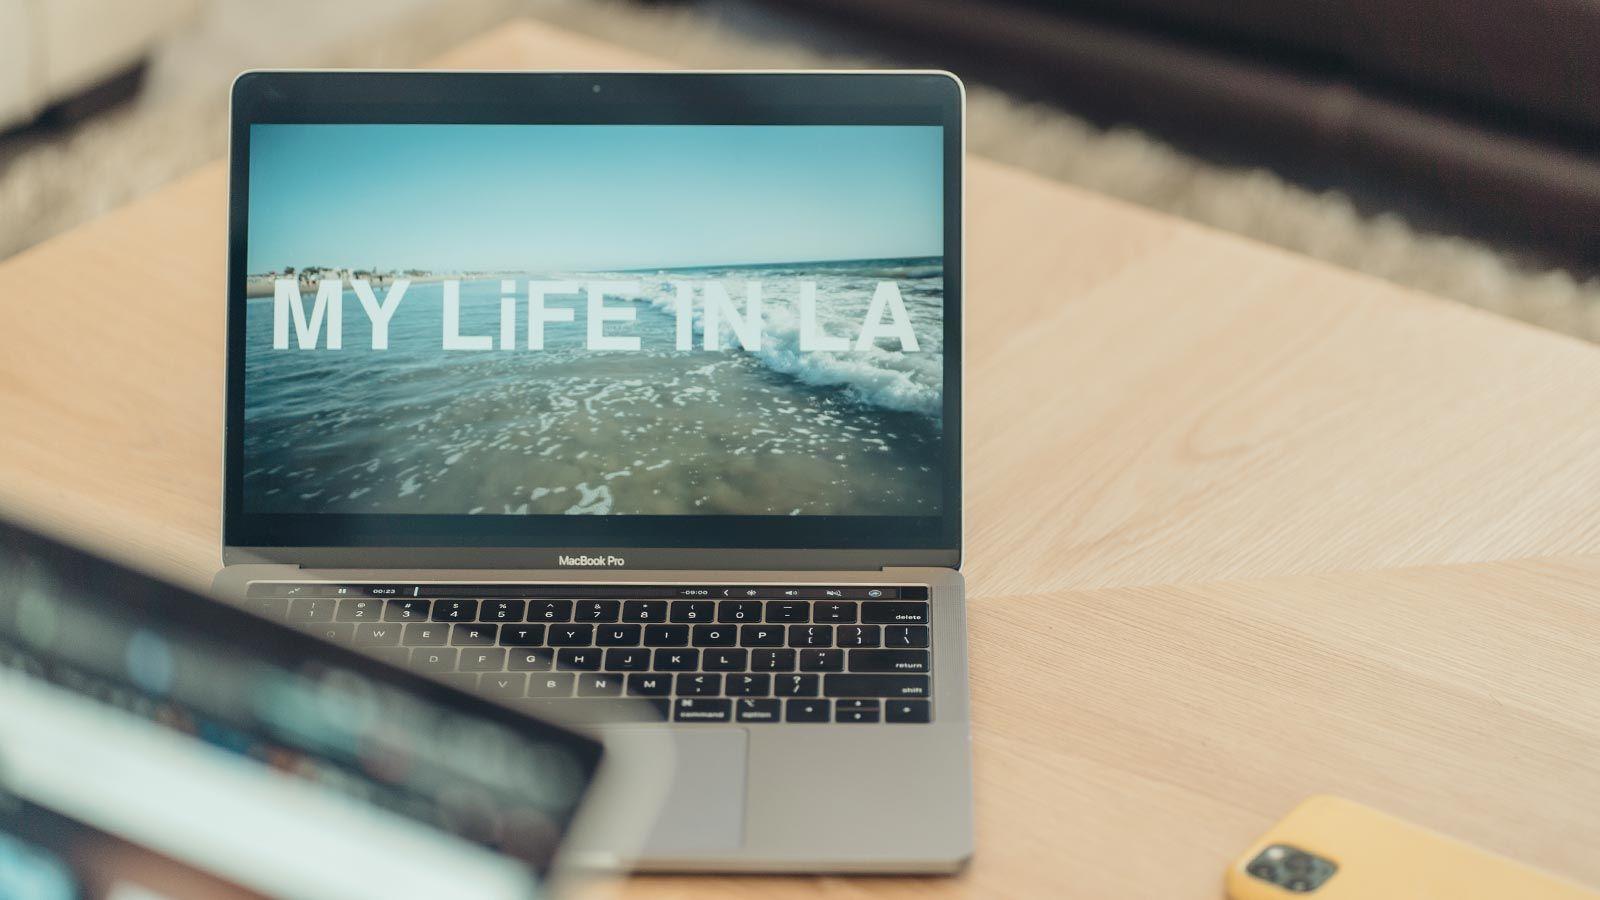 Vlog(ブイログ)とは? 動画で自分の「生きた証」を残す新ムーブメント|大川優介